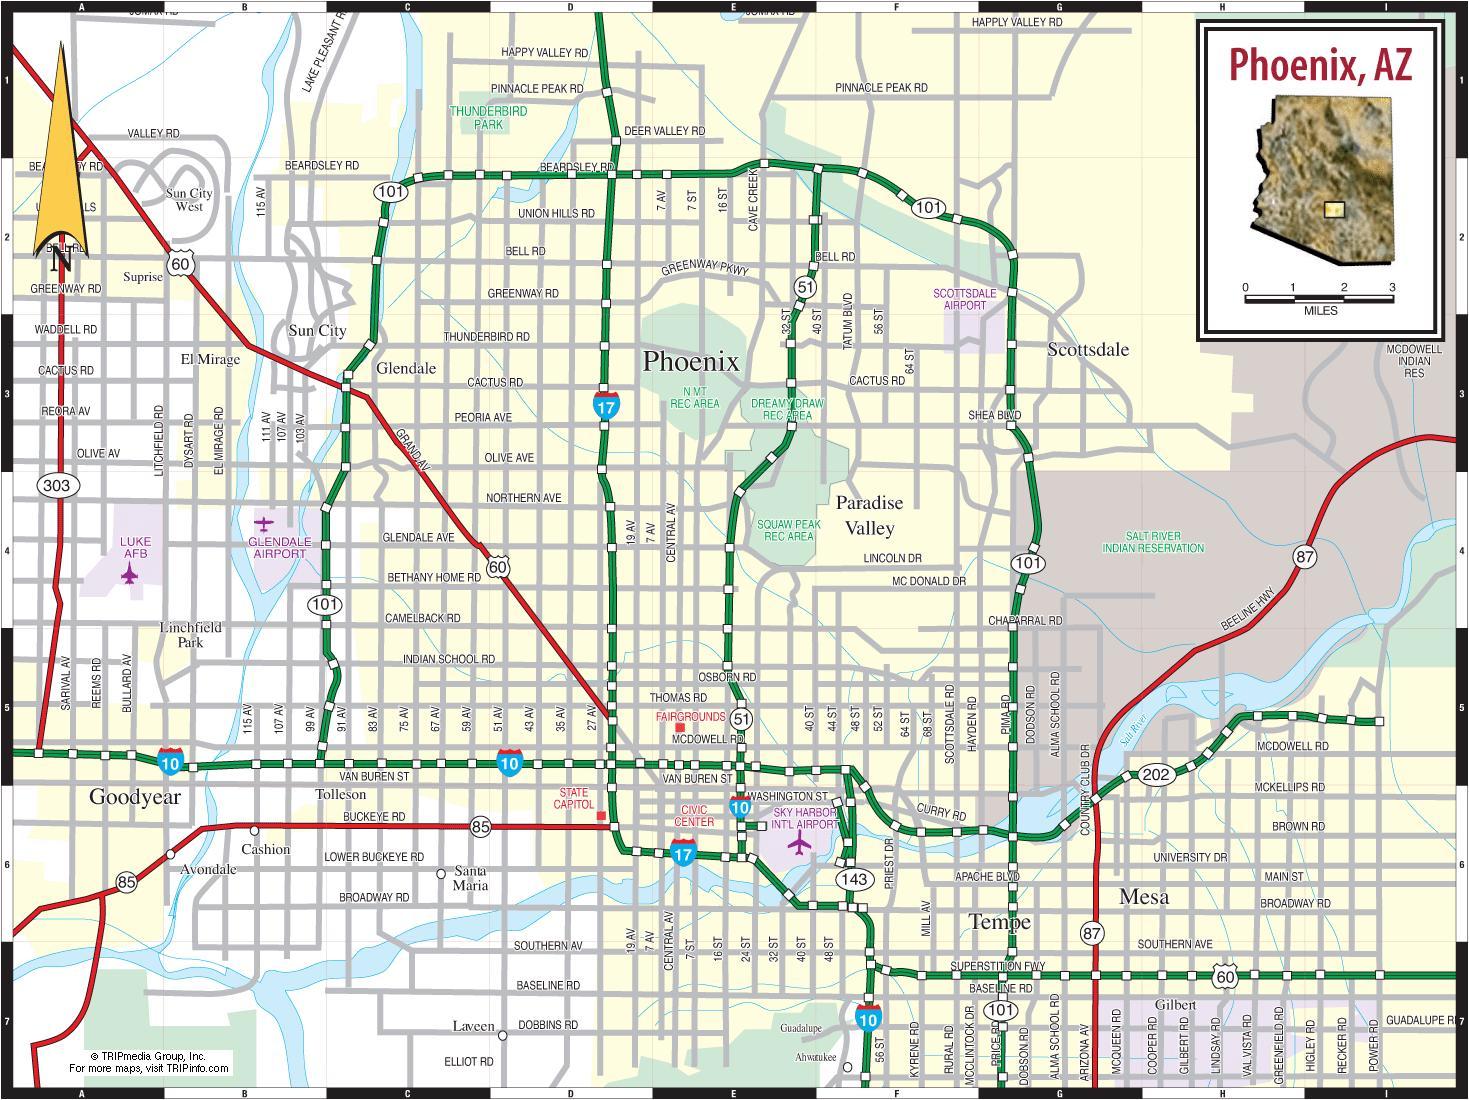 Phoenix on map - Phoenix az on map (Arizona - USA) on alaska usa, arizona surrounding states, arizona map mexico, arizona border map, arizona map red, arizona county map, arizona flag usa, arizona map yuma az, arizona teams, arizona map phoenix az, arizona map sedona az, arizona map coloring page, arizona map tempe az, arizona map with cities, arizona map with lakes, arizona map outline, arizona map clip art,